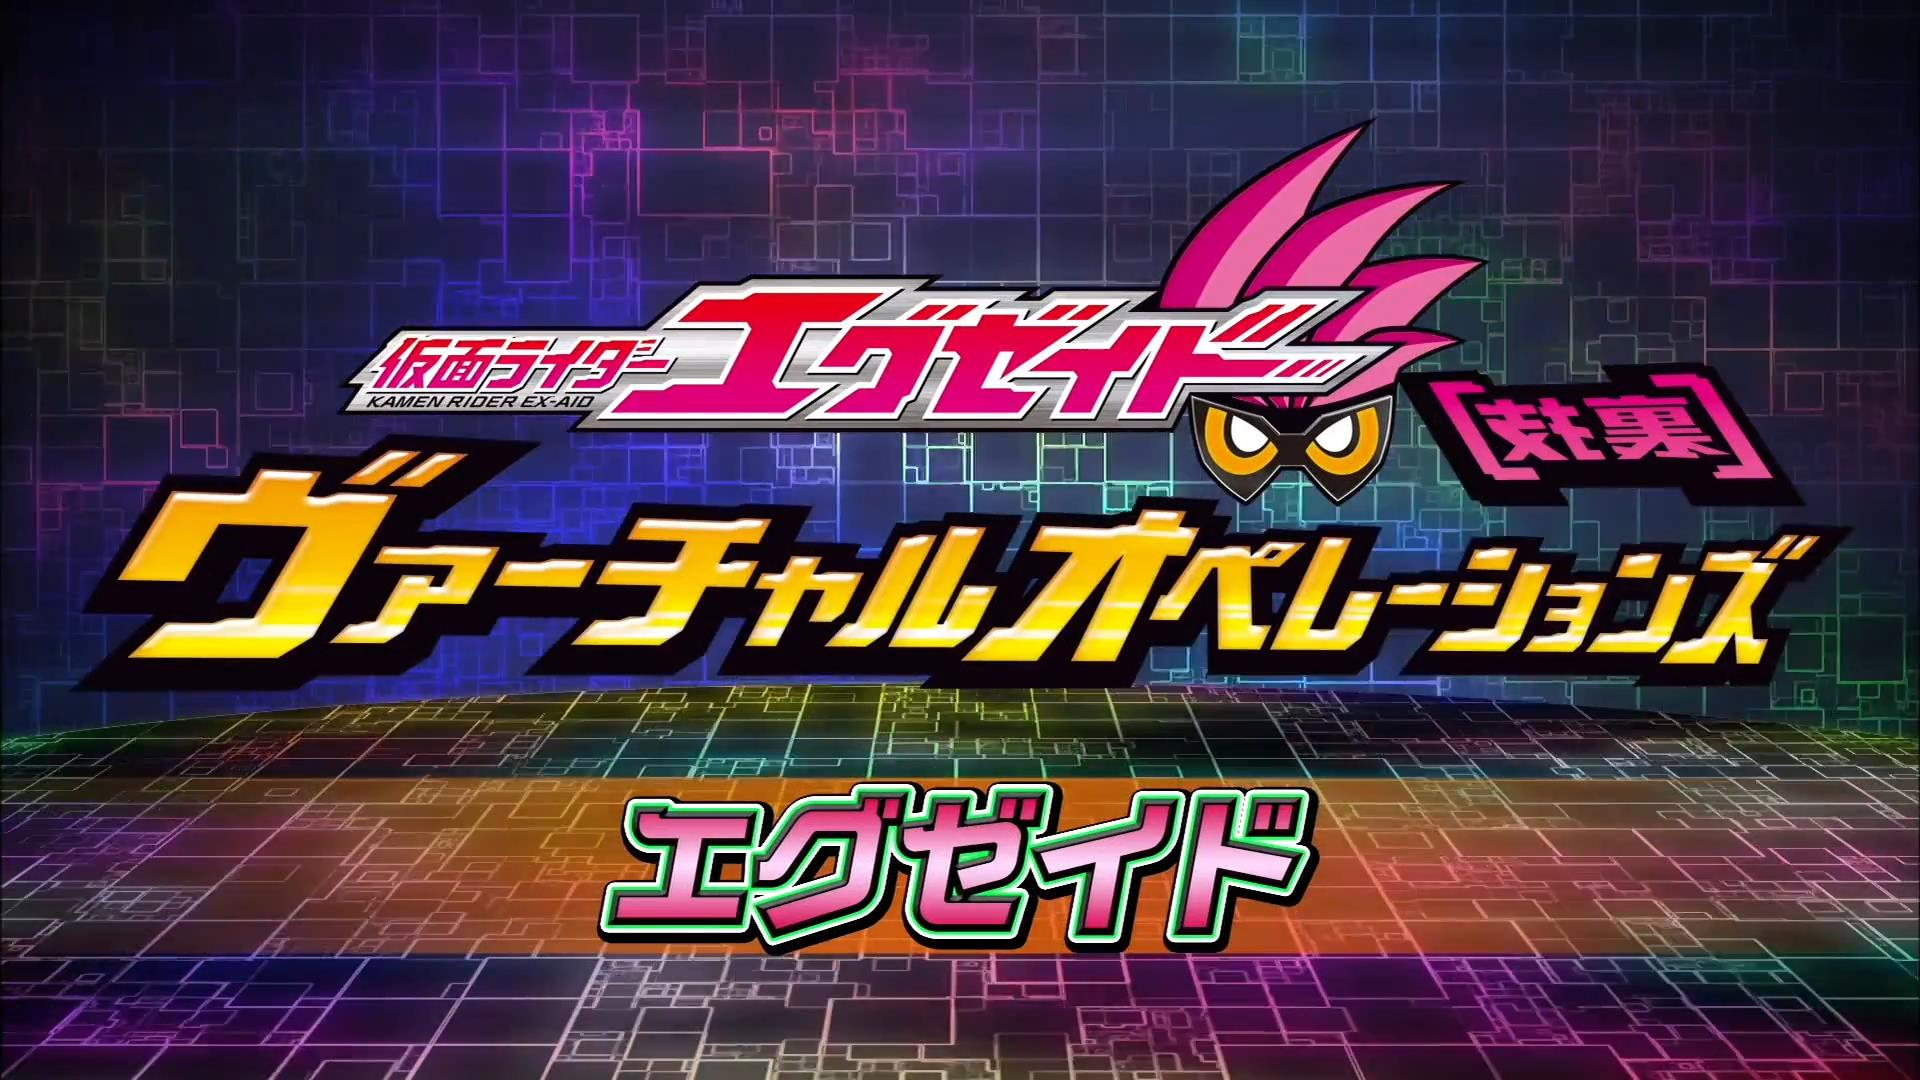 Ex Aid Chapter Kamen Rider Wiki Fandom